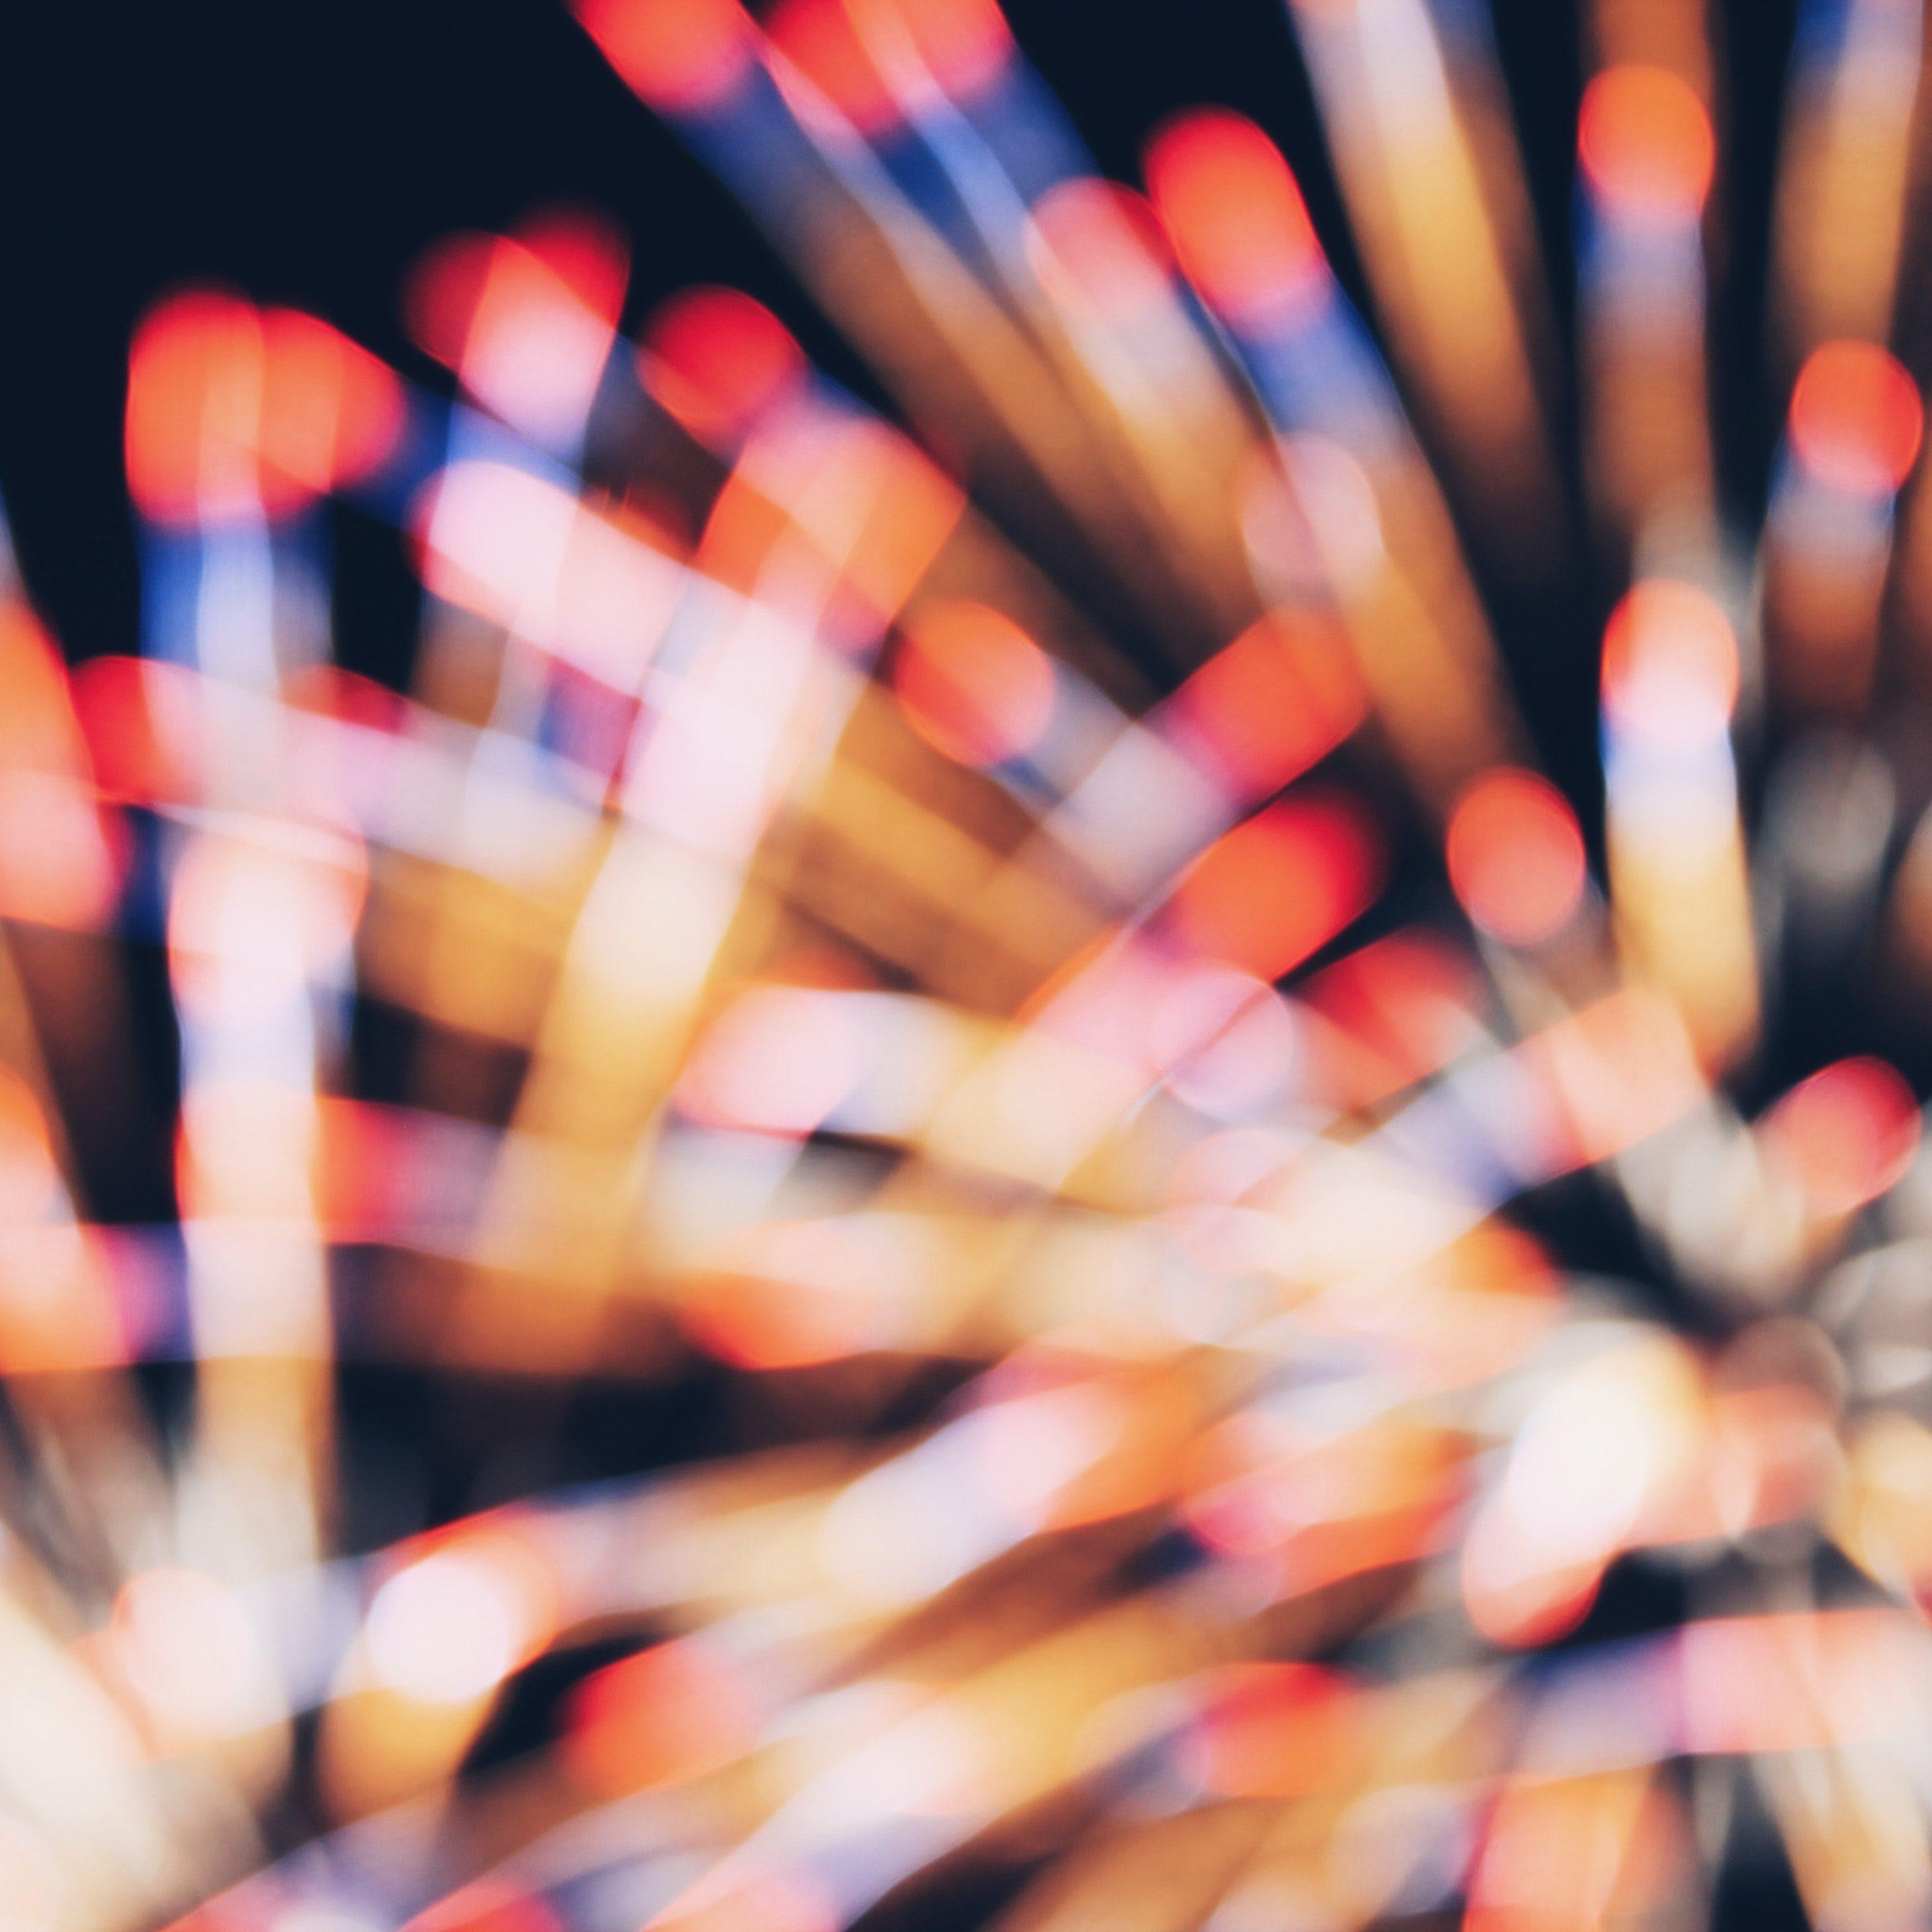 4k-wallpaper-blur-blurred-1266818